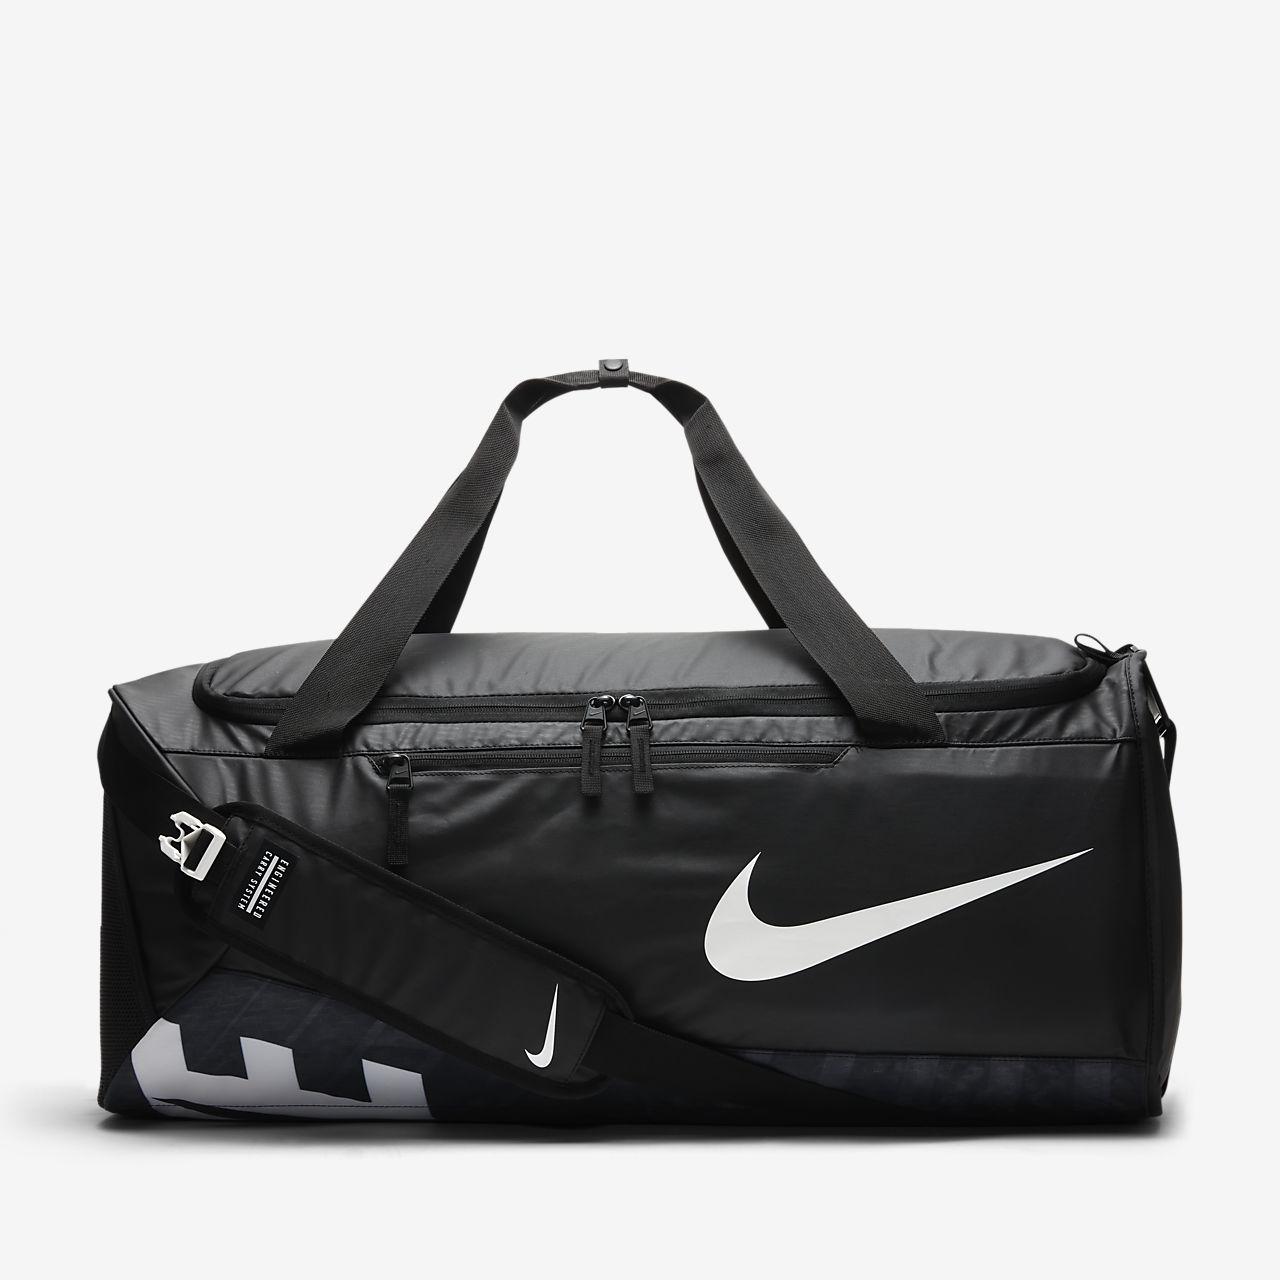 Nike Sac de sport Alpha Adapt Cross Body M cO1nxE5